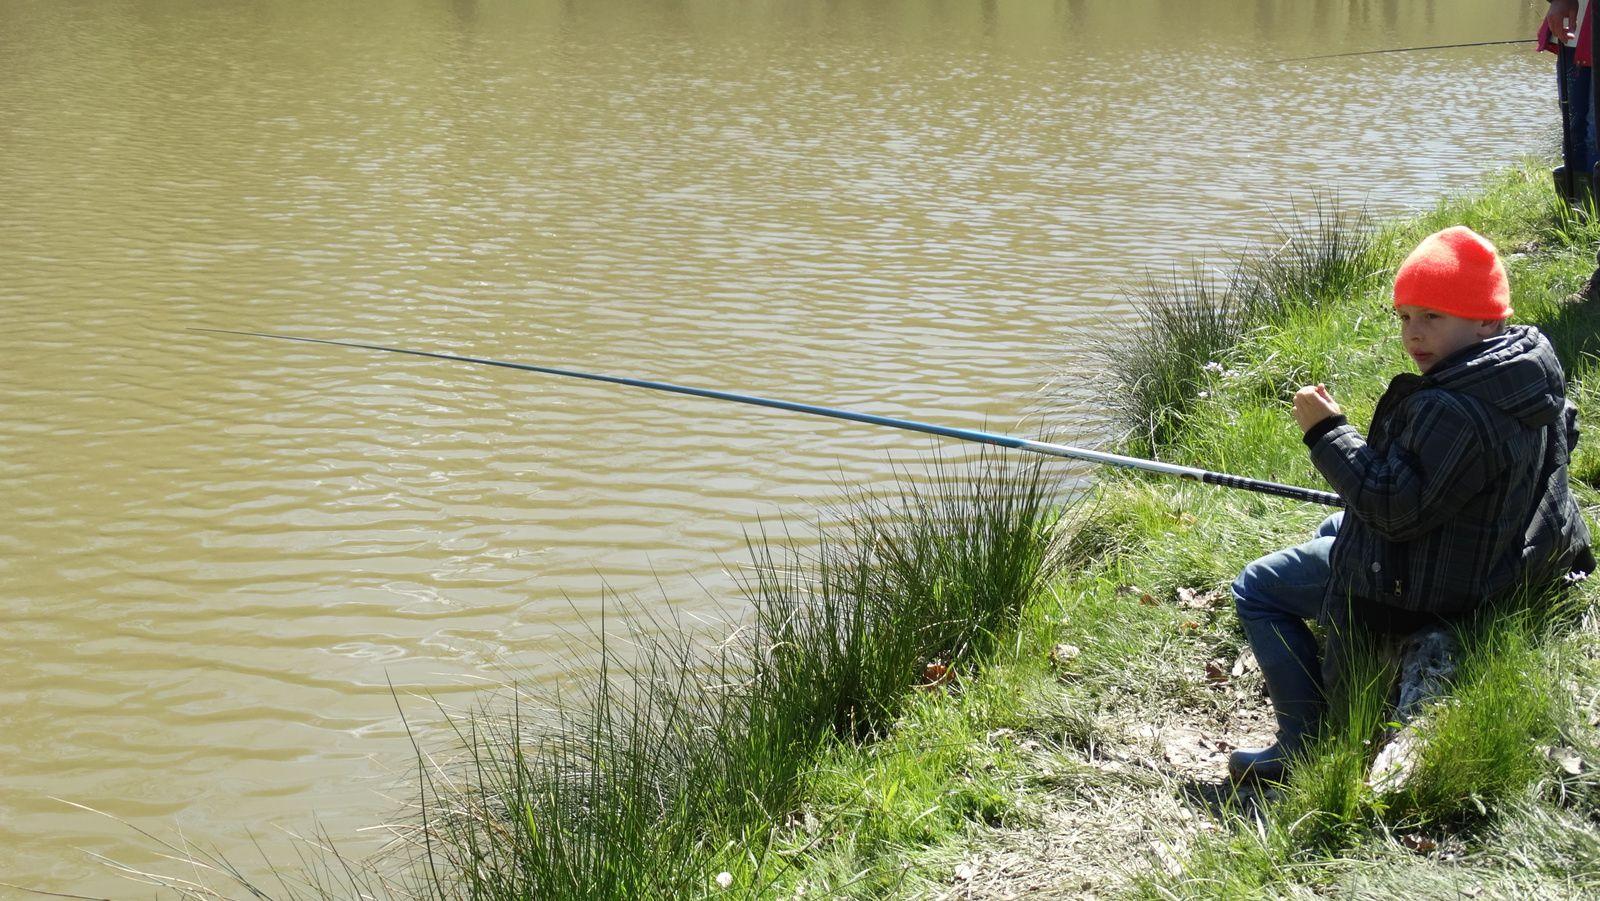 Classe pêche - jour 4 : 28/04/2016 - Journée à RIVEO